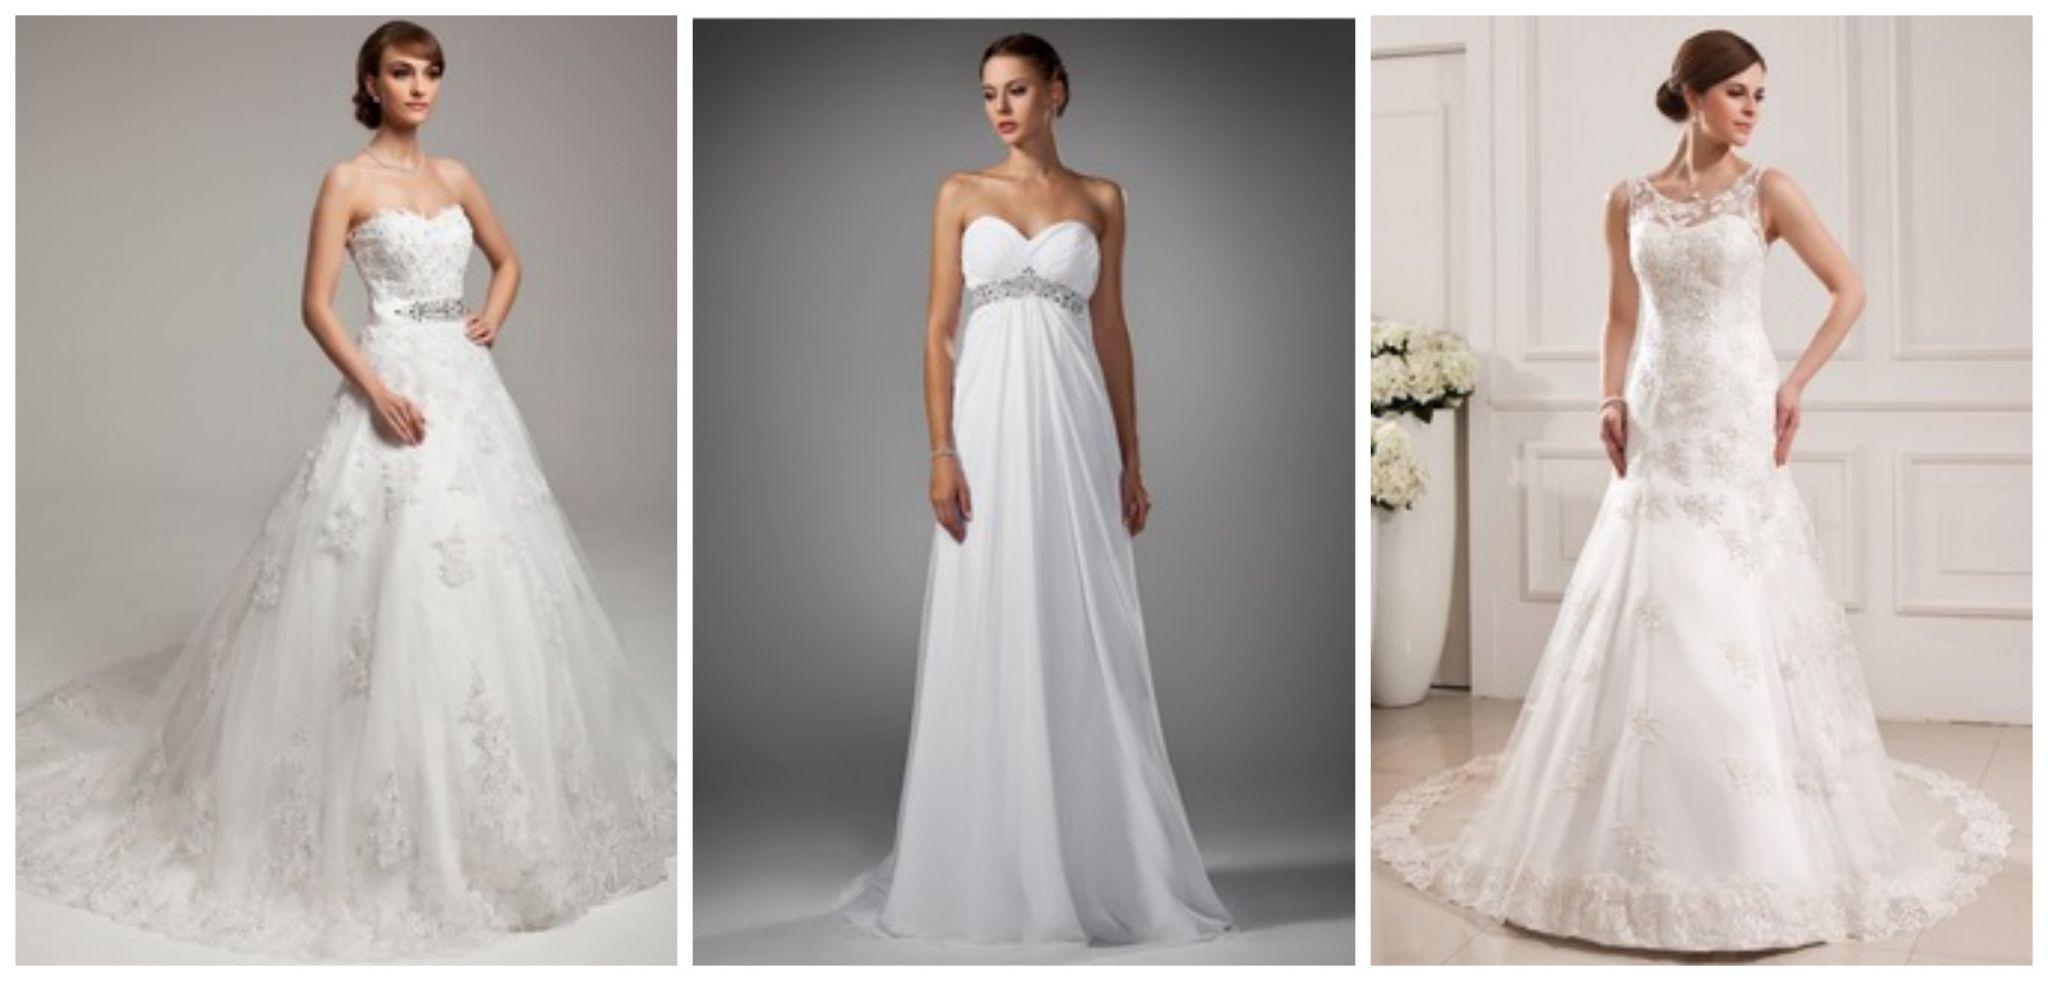 Elegant Wedding Dresses for Under 300 Check more at http://svesty ...